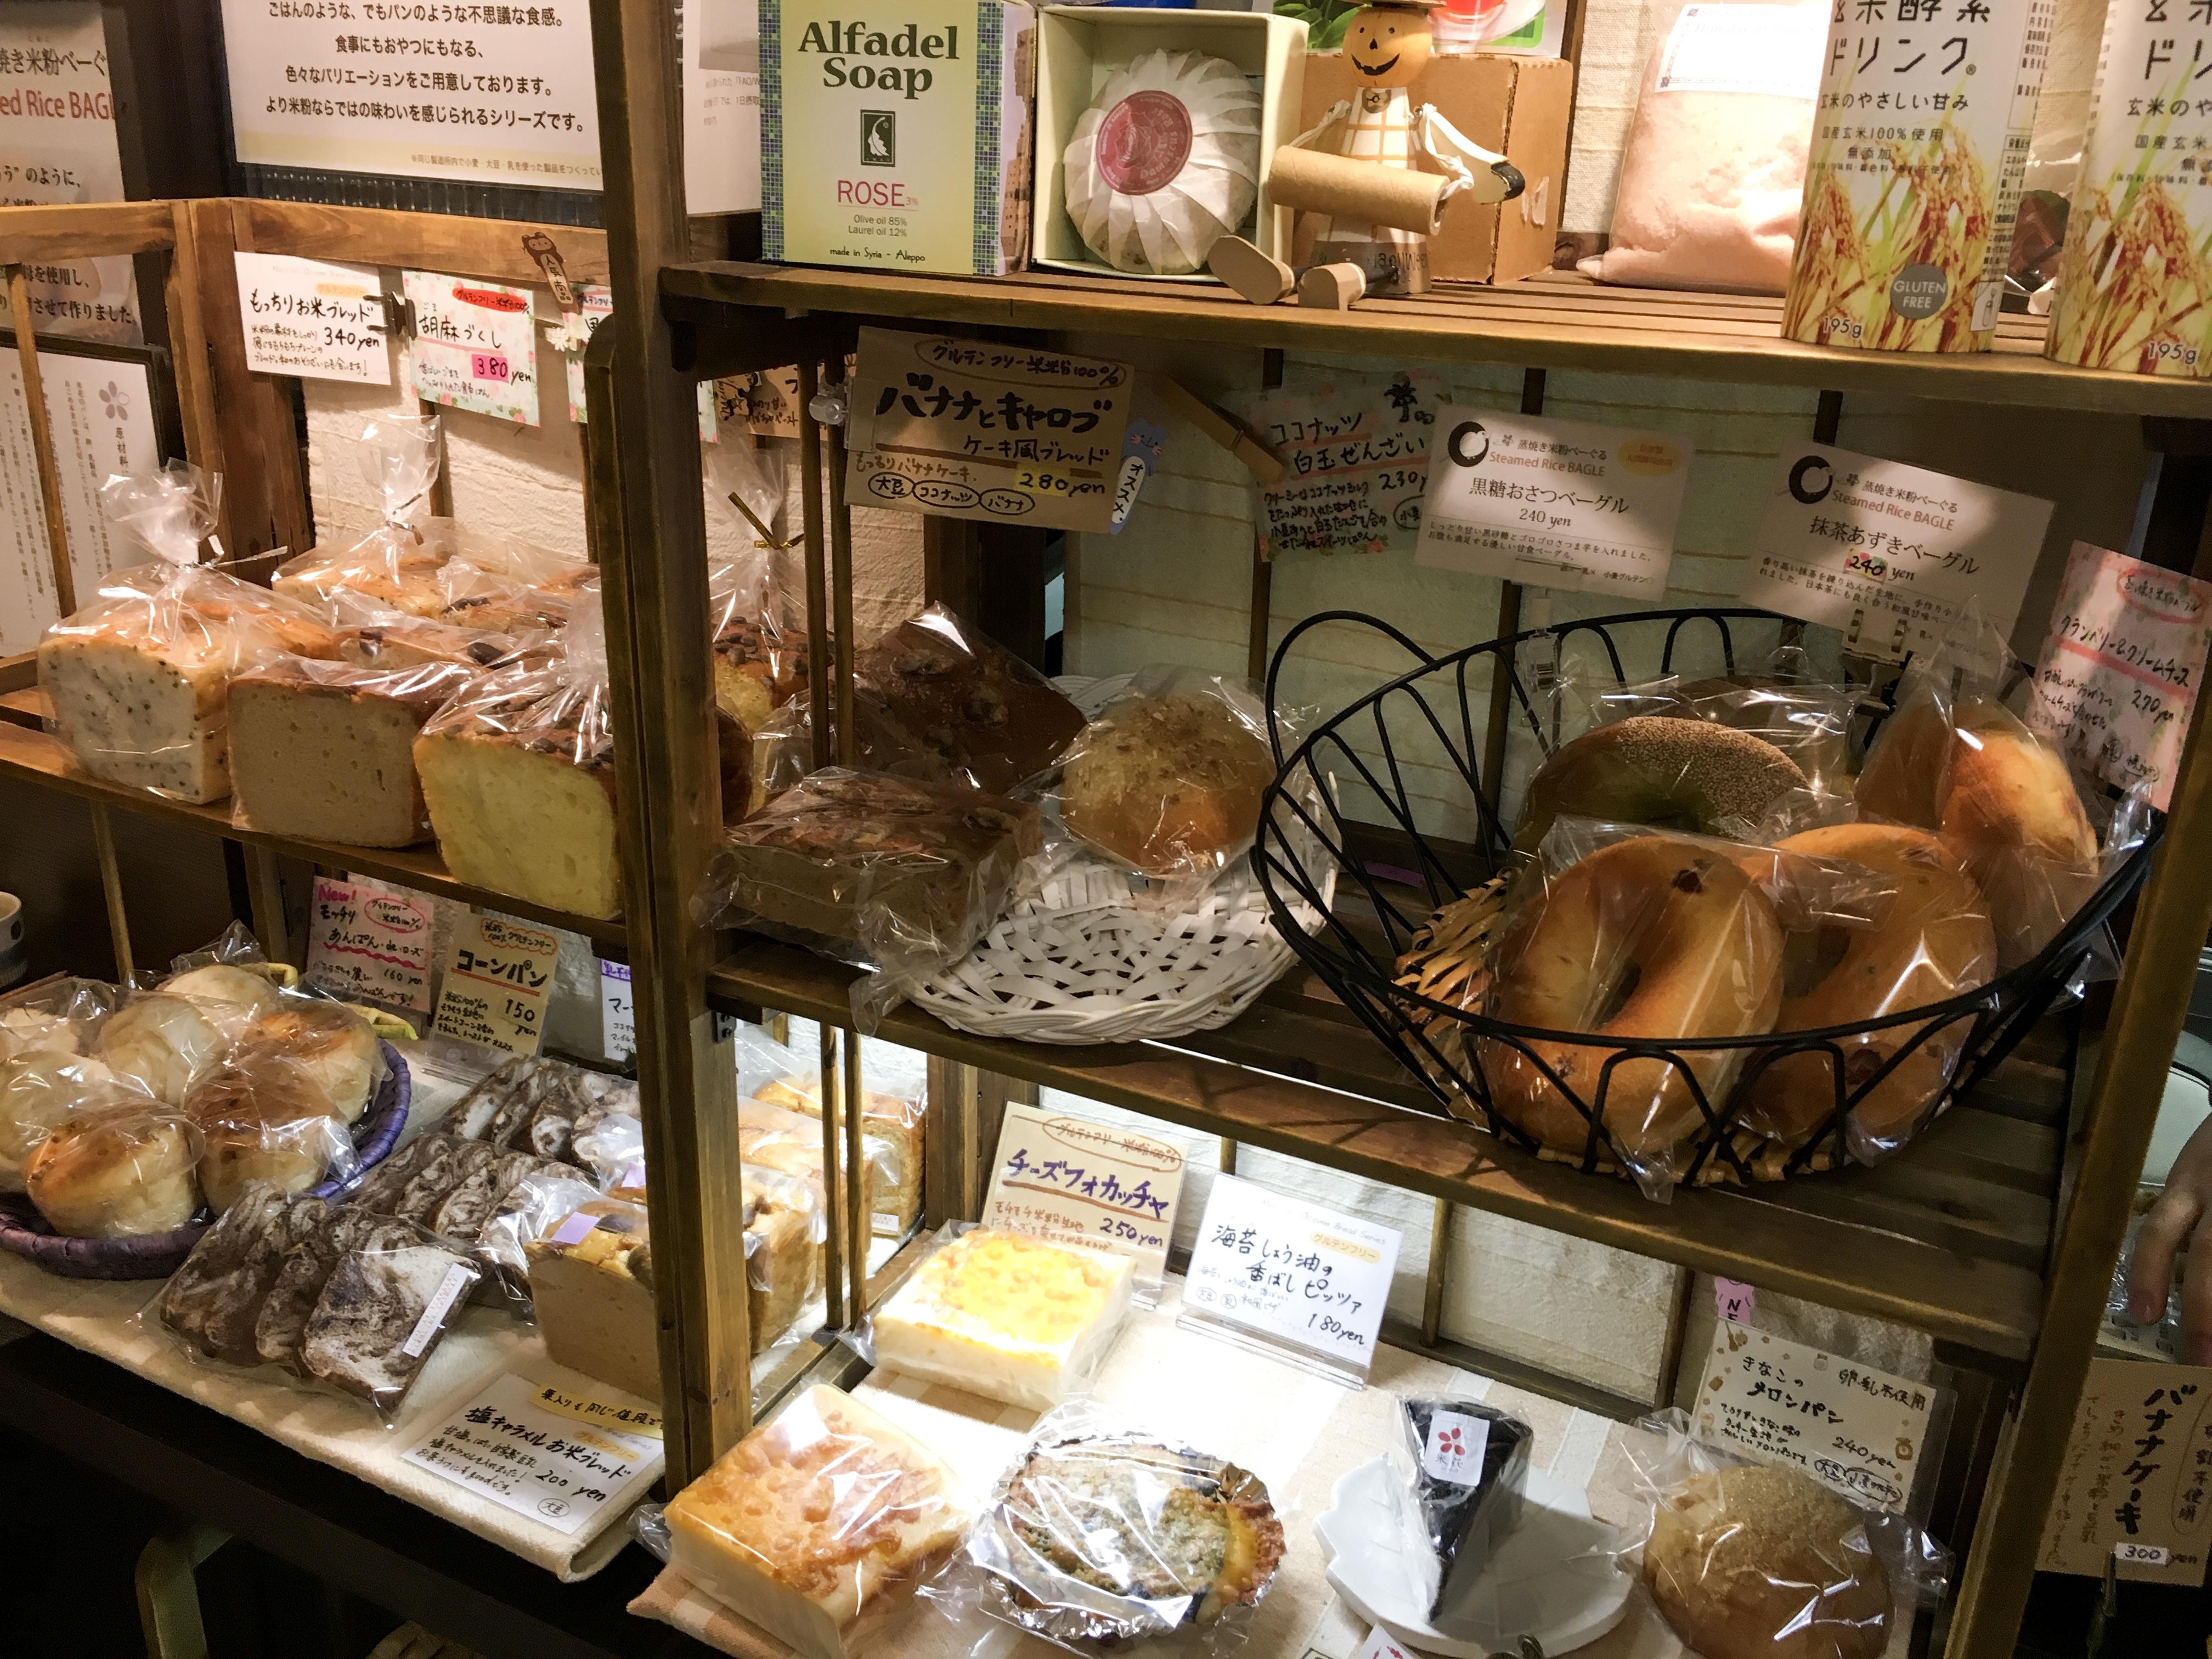 名古屋で米粉のパンといえば、ココ!東区東海テレビのすぐそばの米花さん。